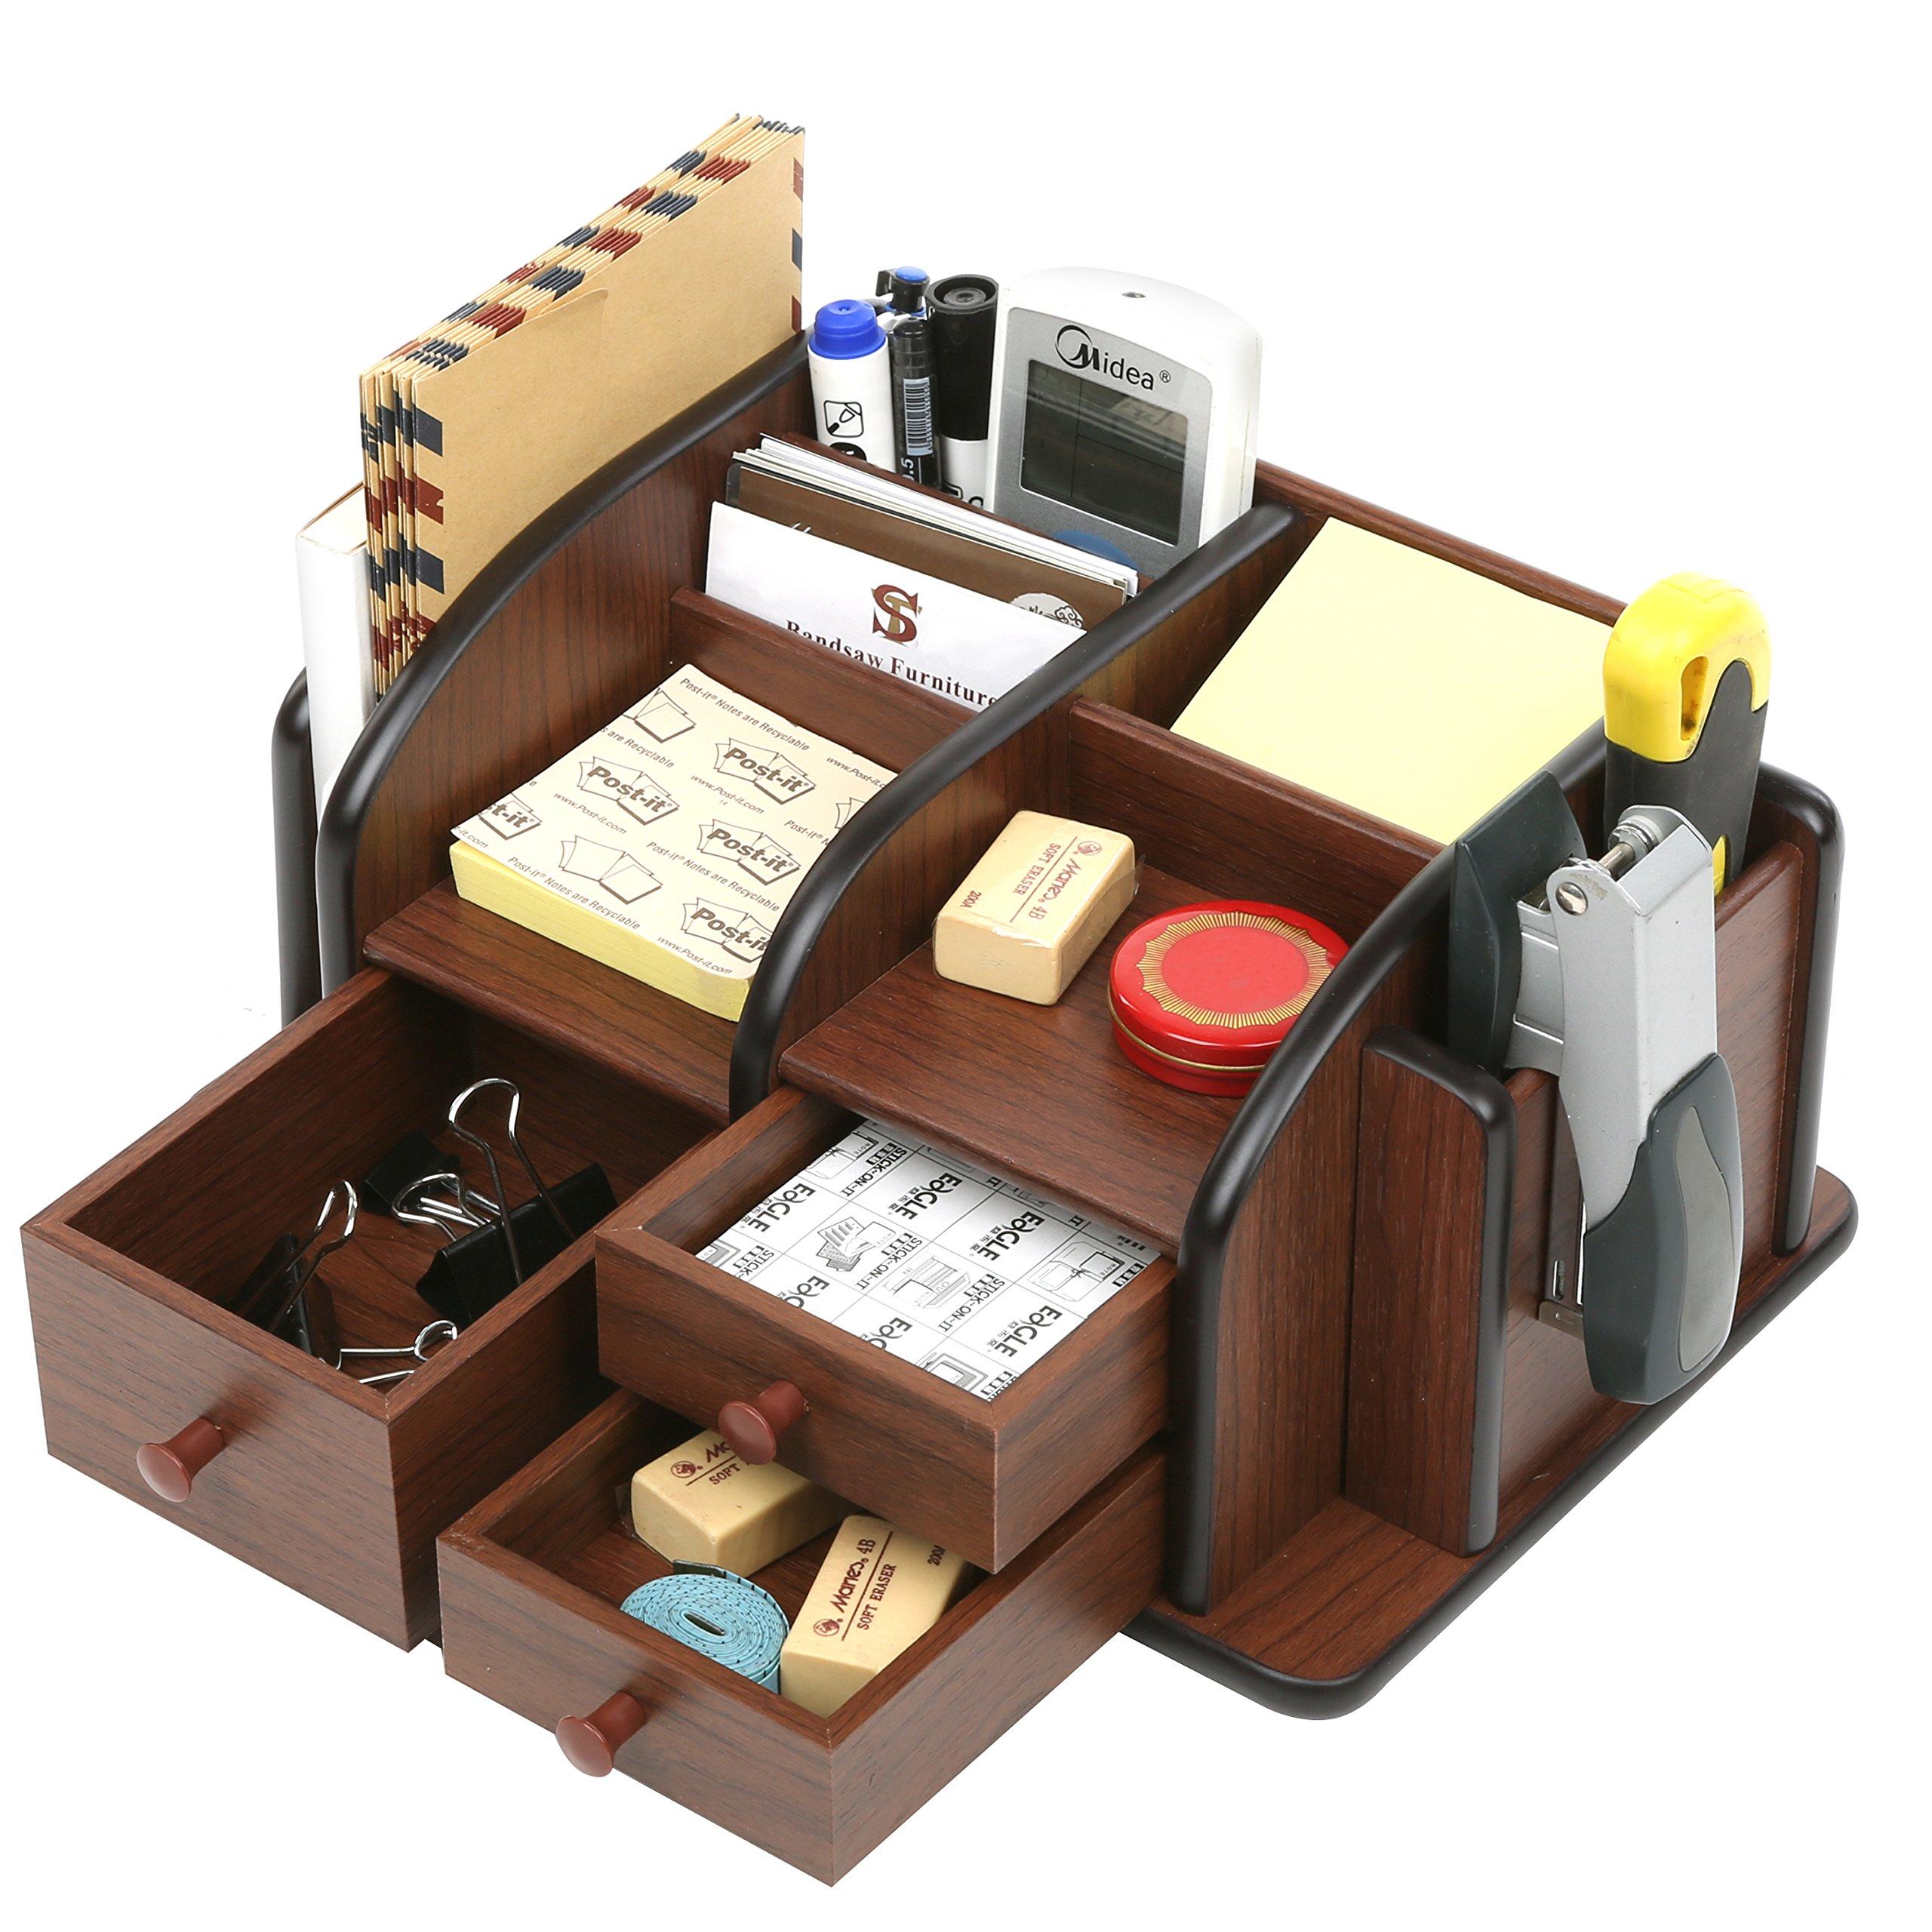 desktop organizers. Black Bedroom Furniture Sets. Home Design Ideas